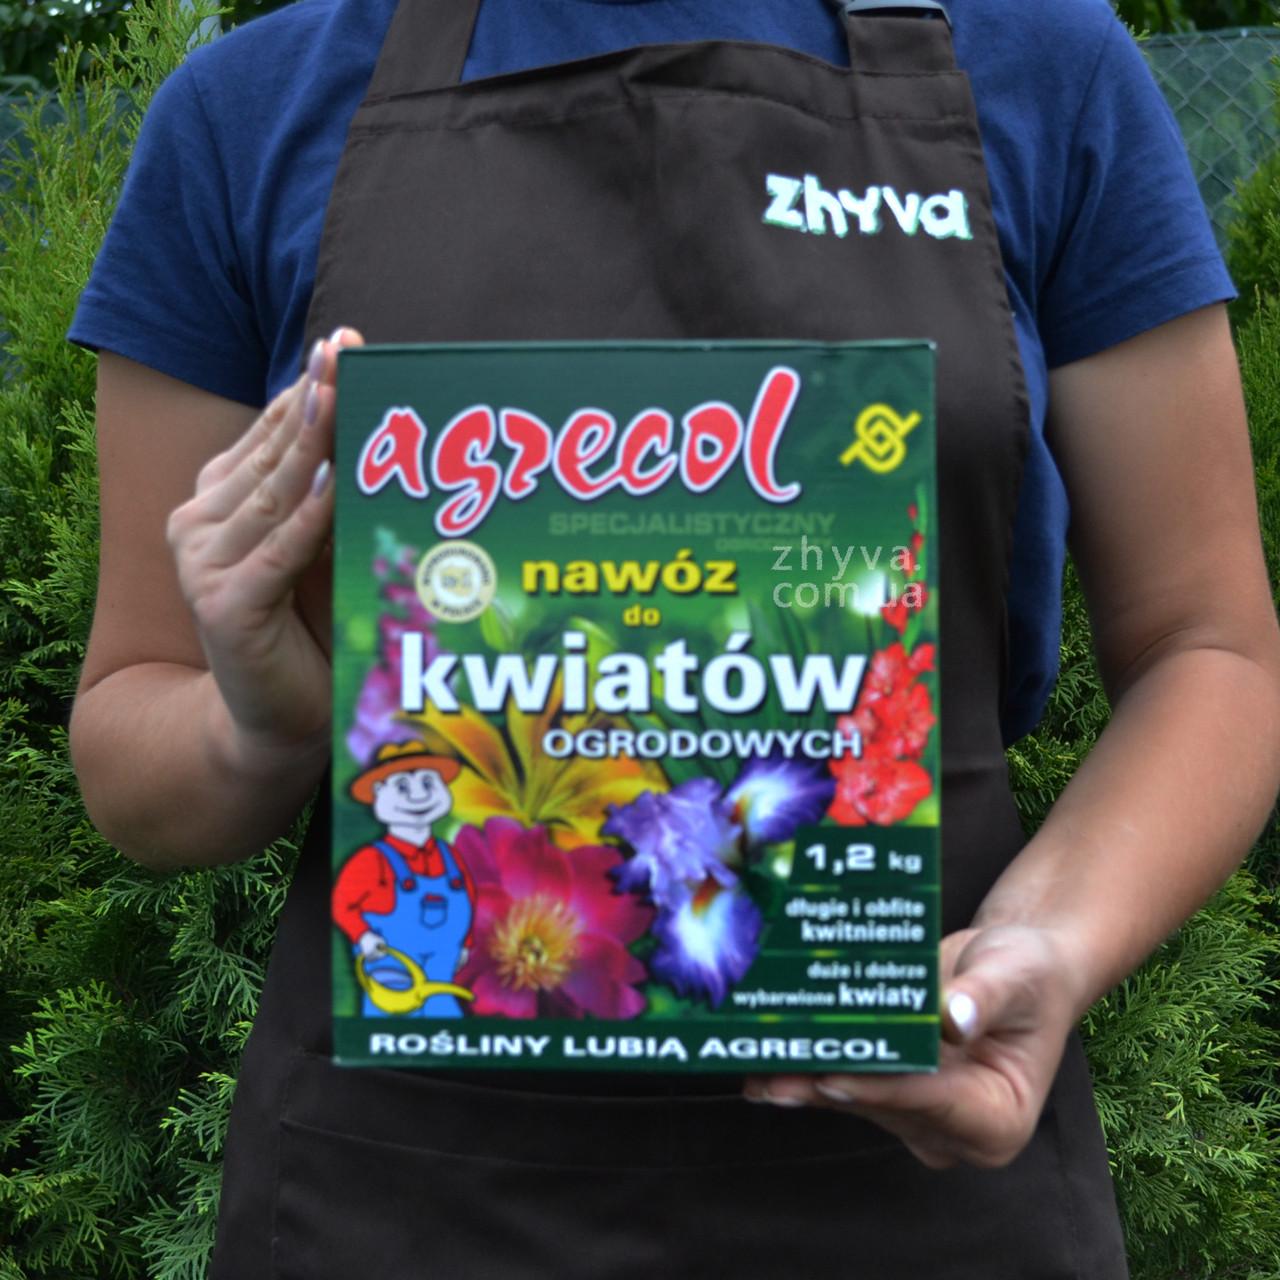 Добриво Argecol для садових квітів 1,2кг